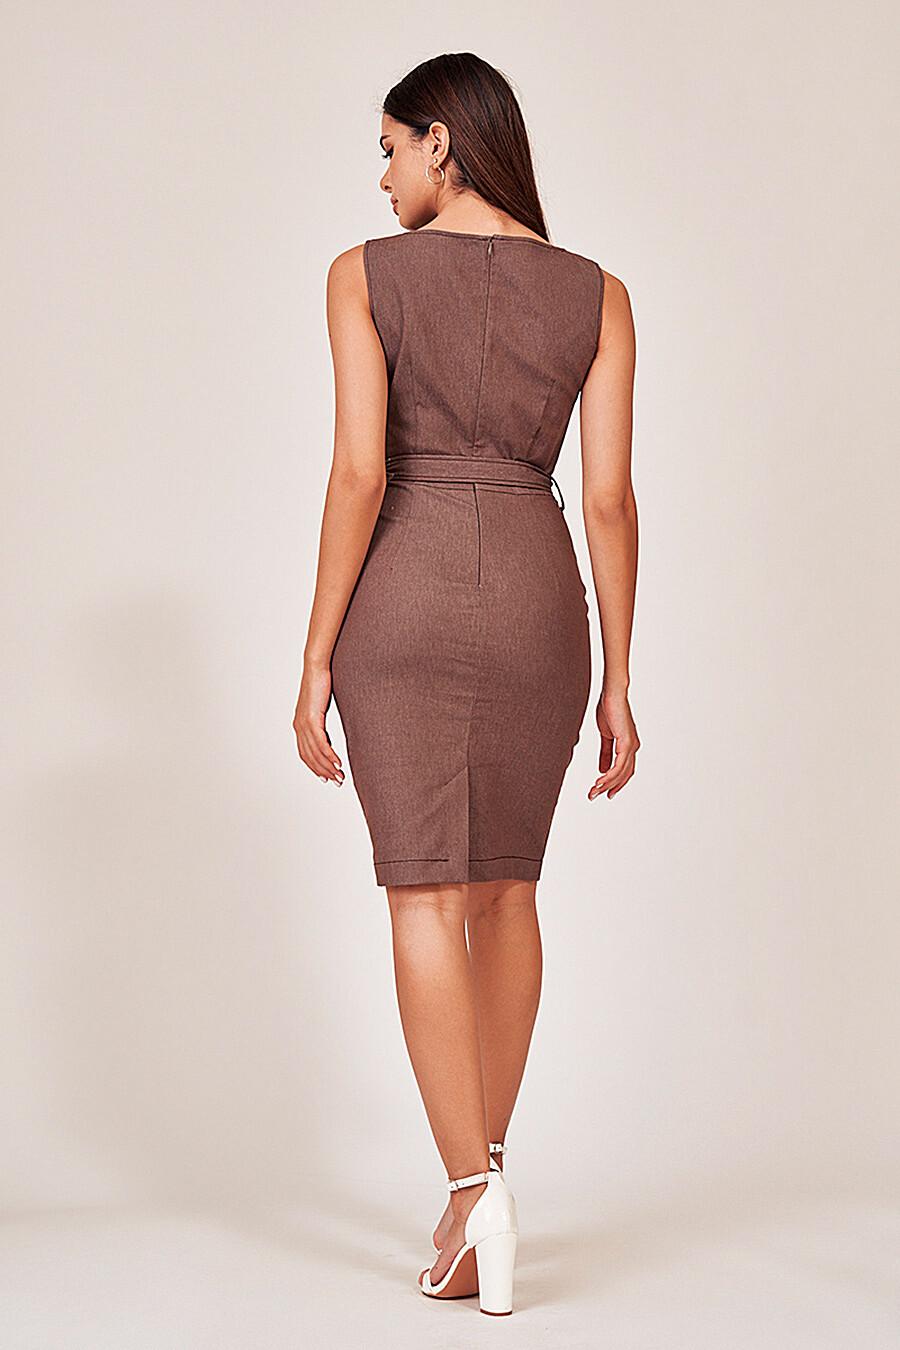 Платье для женщин VITTORIA VICCI 334869 купить оптом от производителя. Совместная покупка женской одежды в OptMoyo